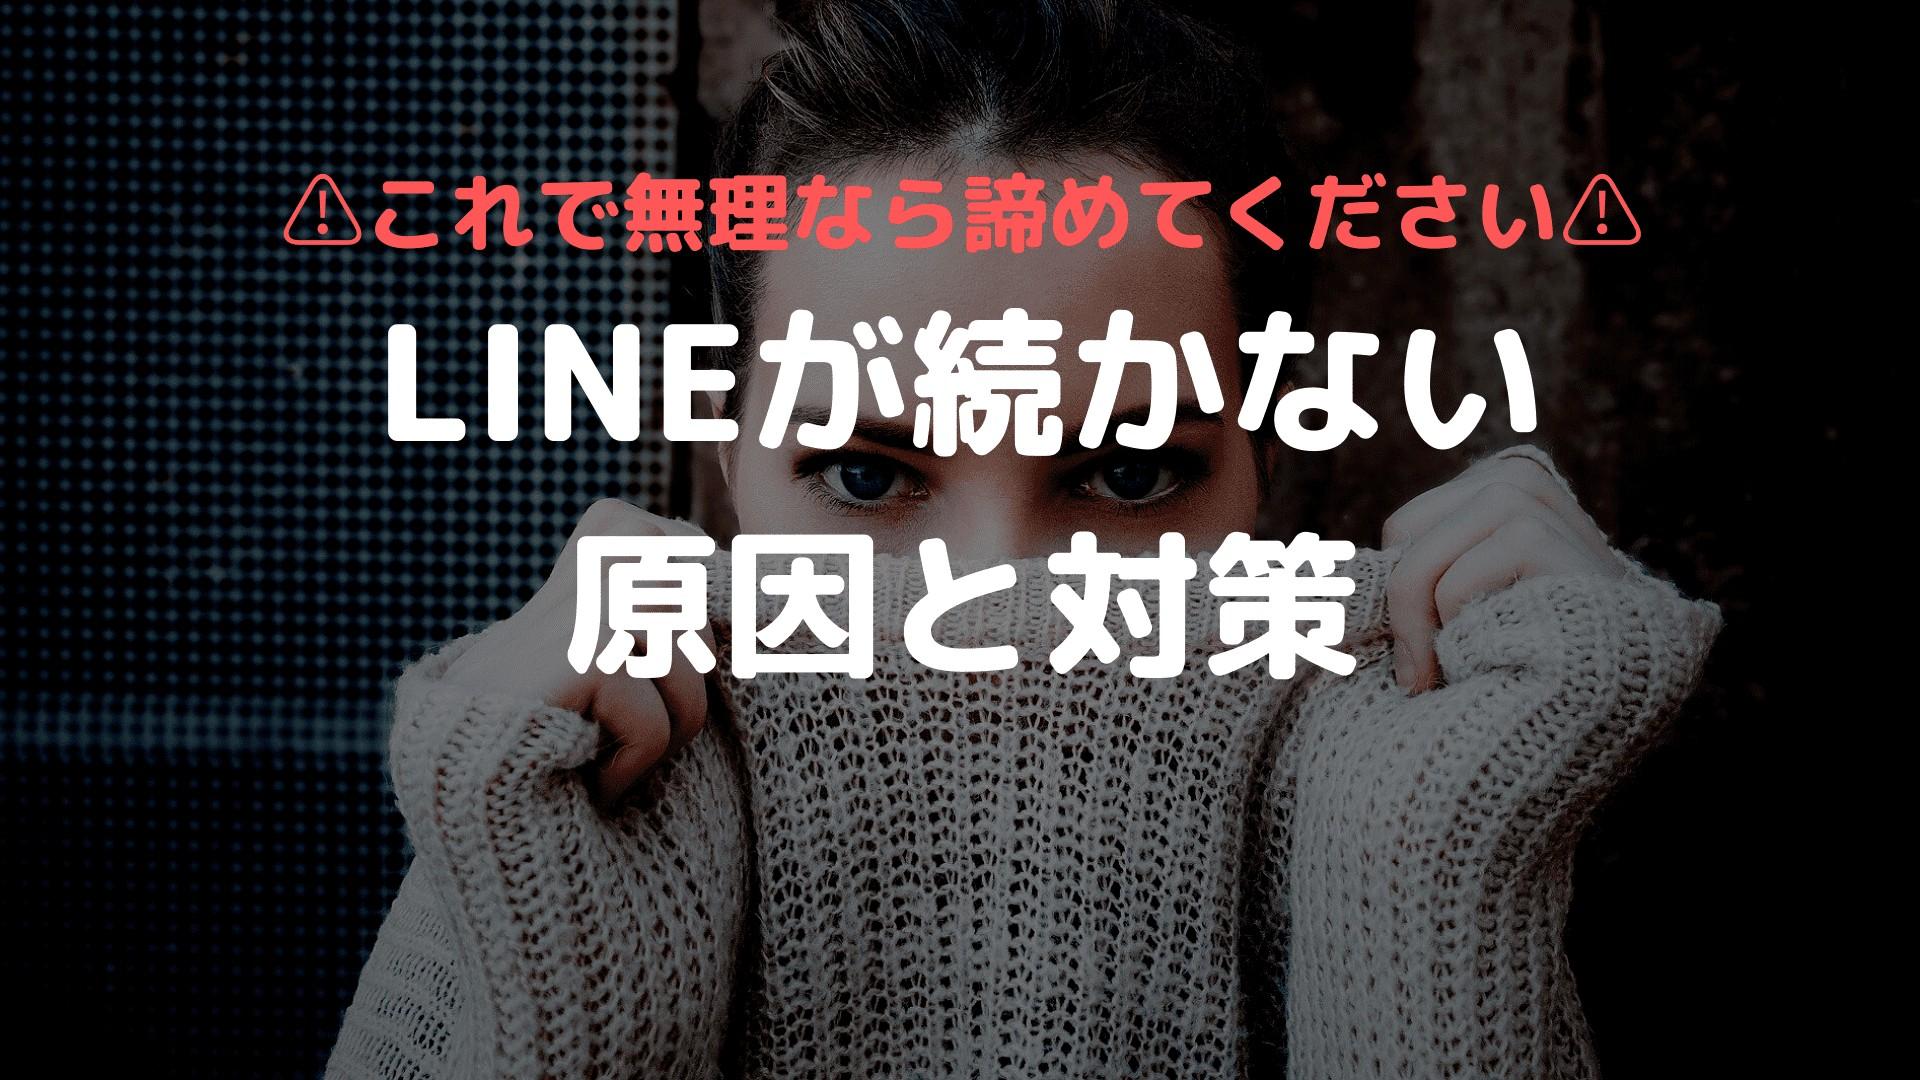 Line が 続か ない